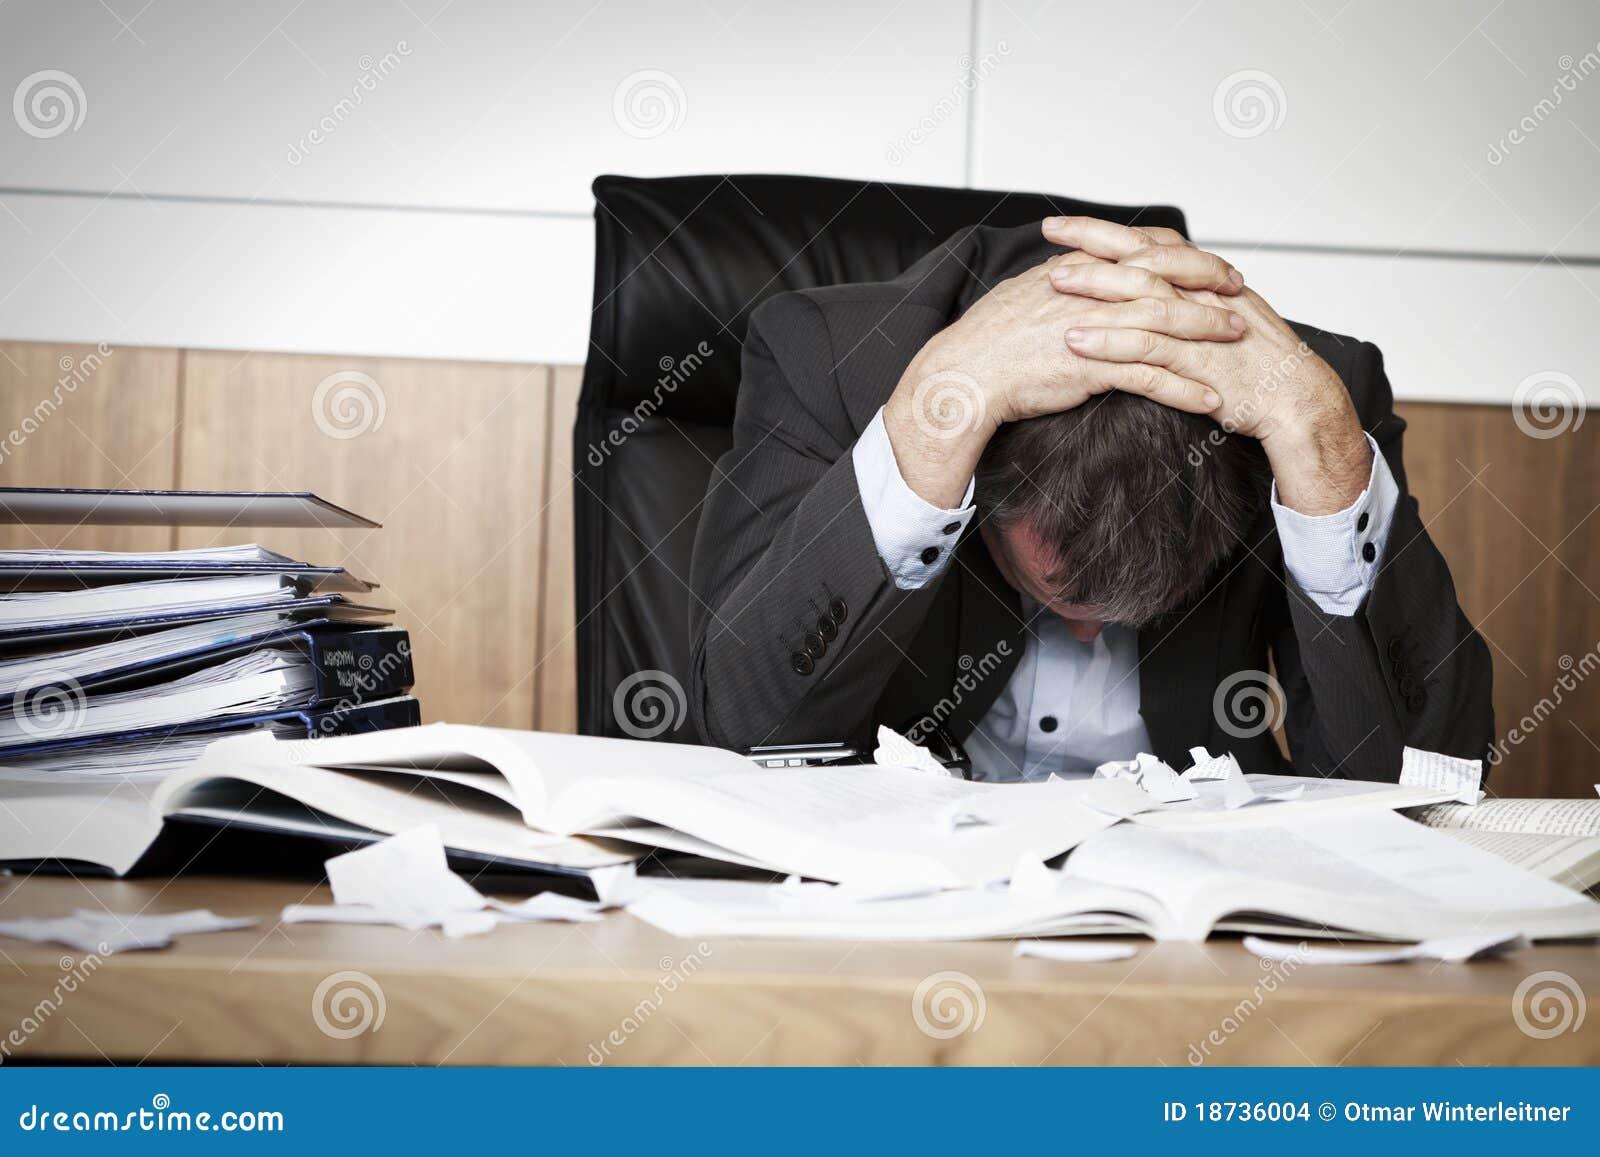 Gefrustreerde bedrijfspersoon die met het werk wordt overbelast.